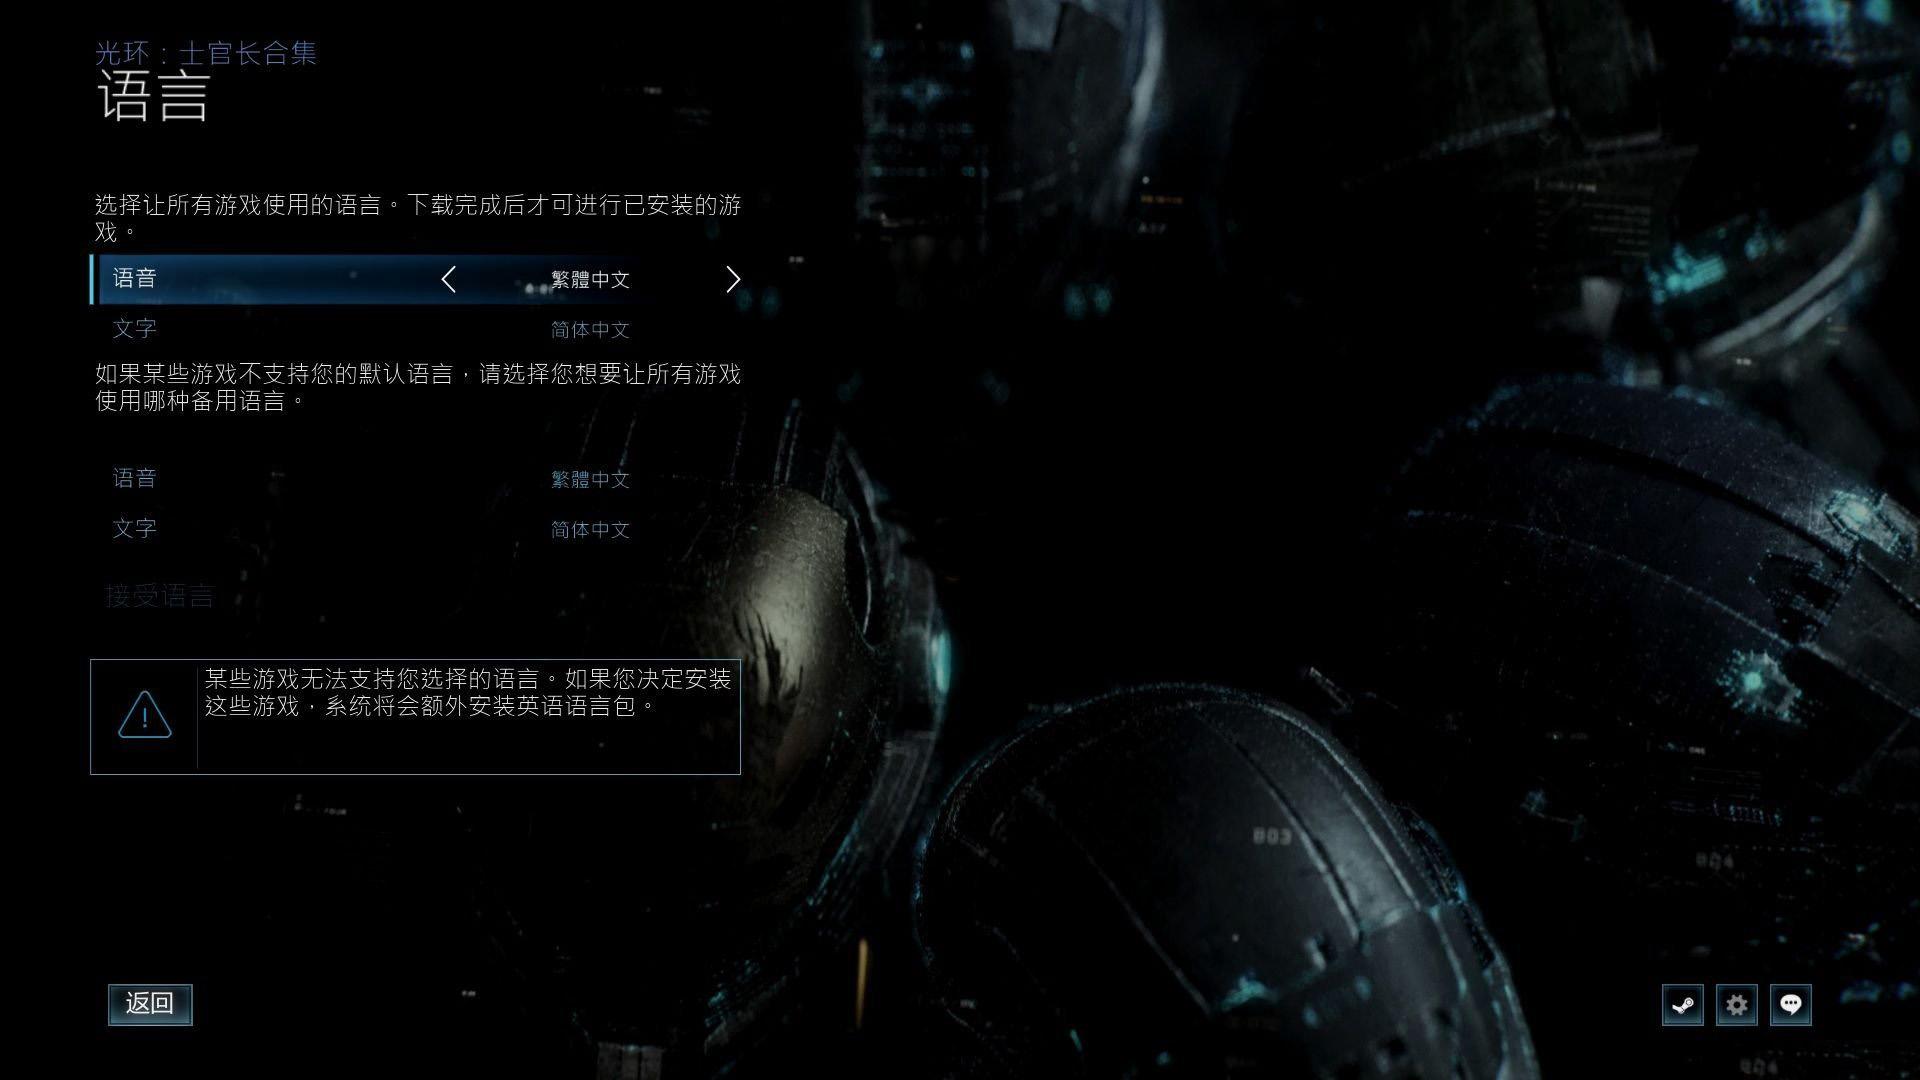 光环士官长合集游戏图片1